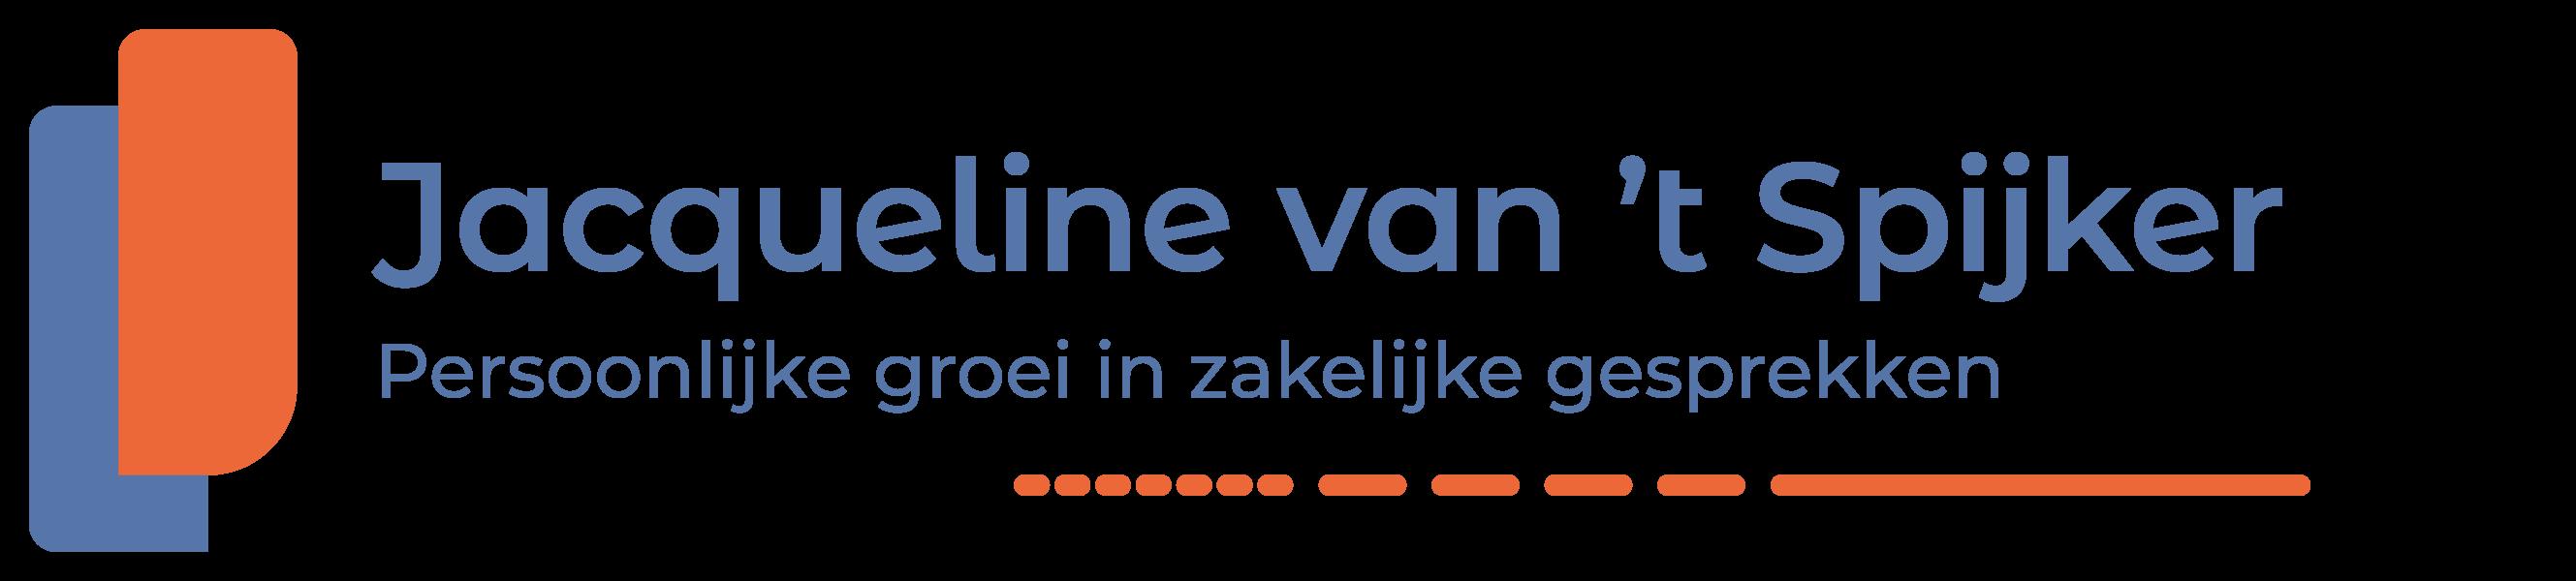 Jacqueline van 't Spijker | Training Communicatie & Samenwerken